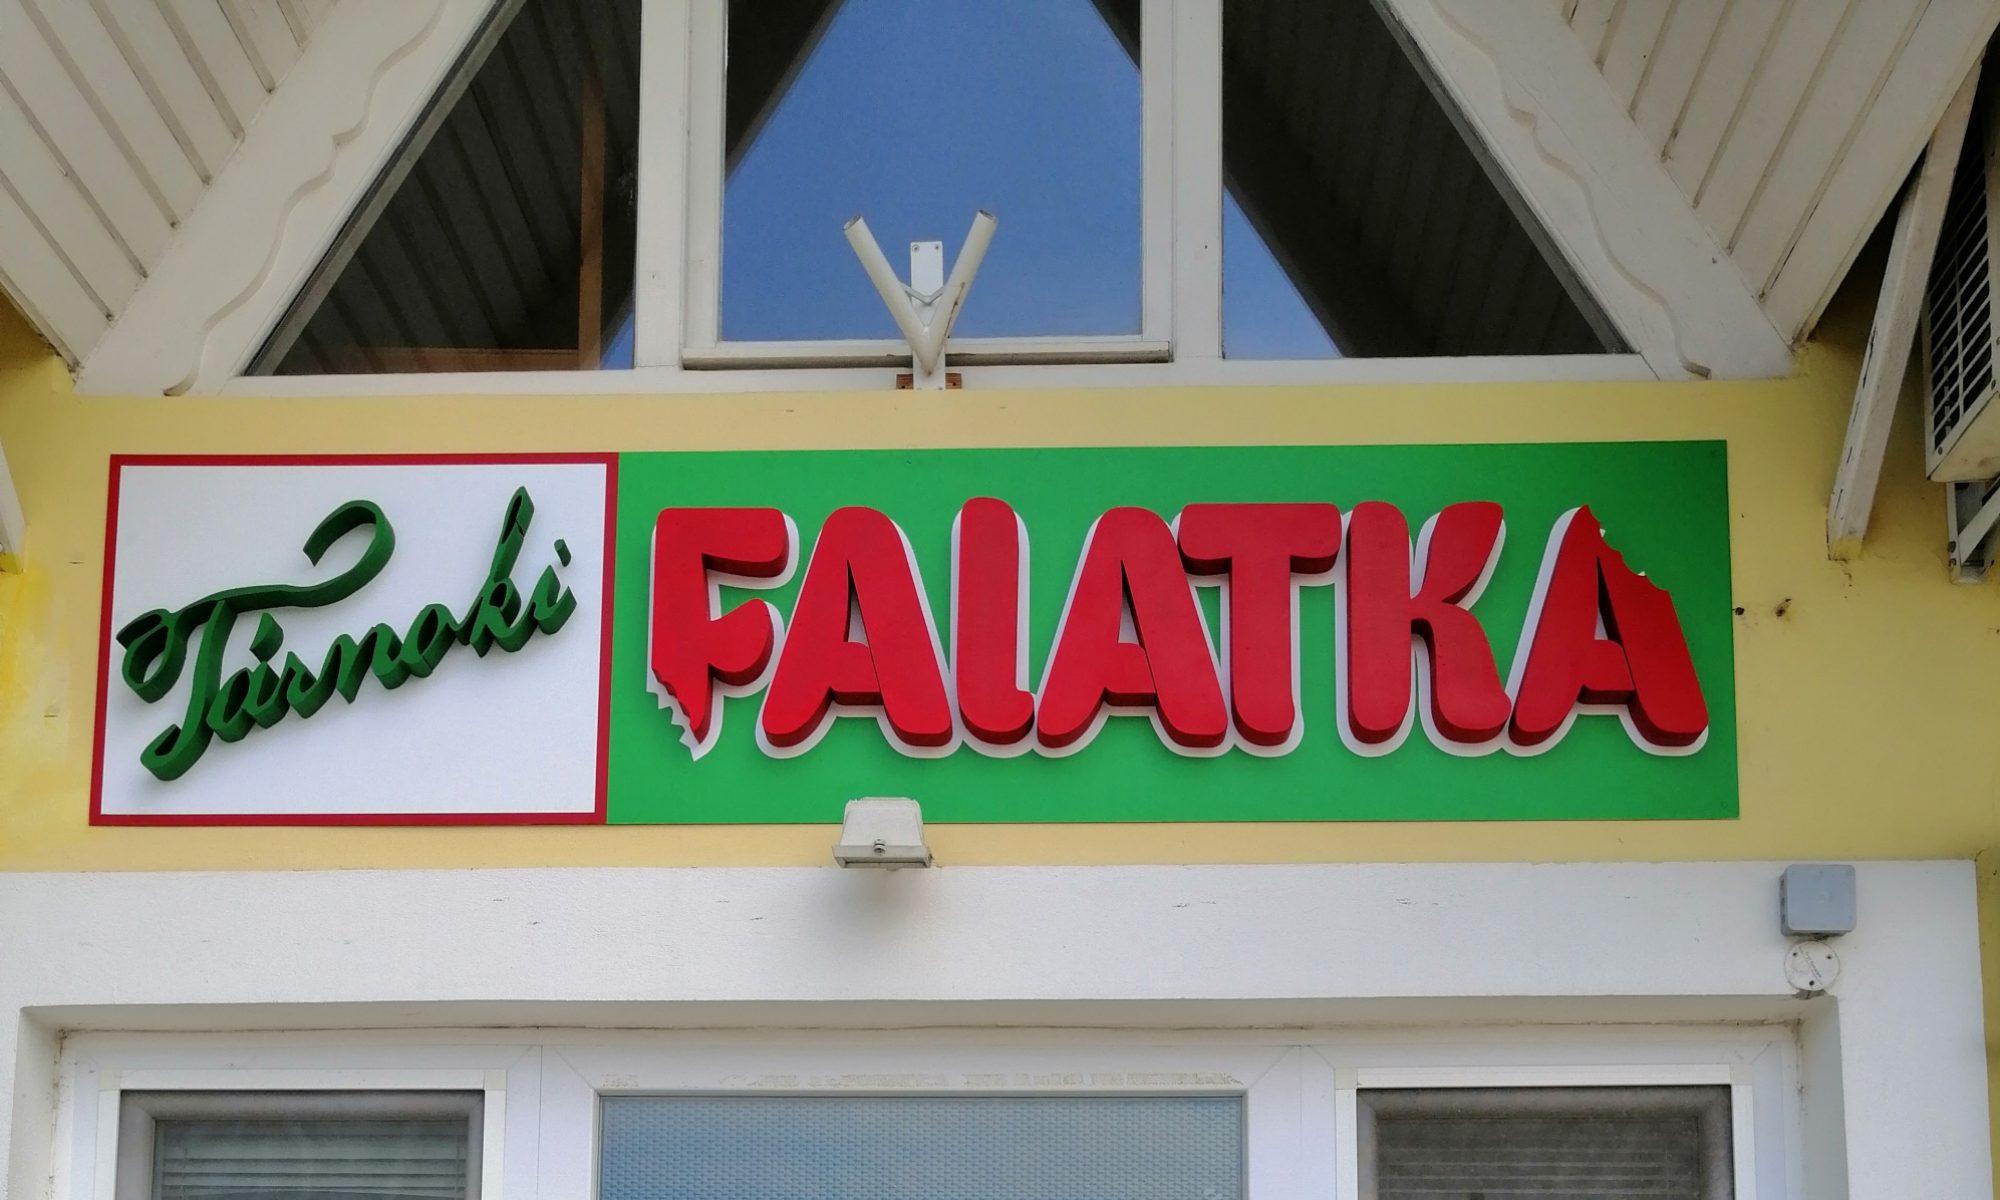 Tárnoki Falatka Étterem